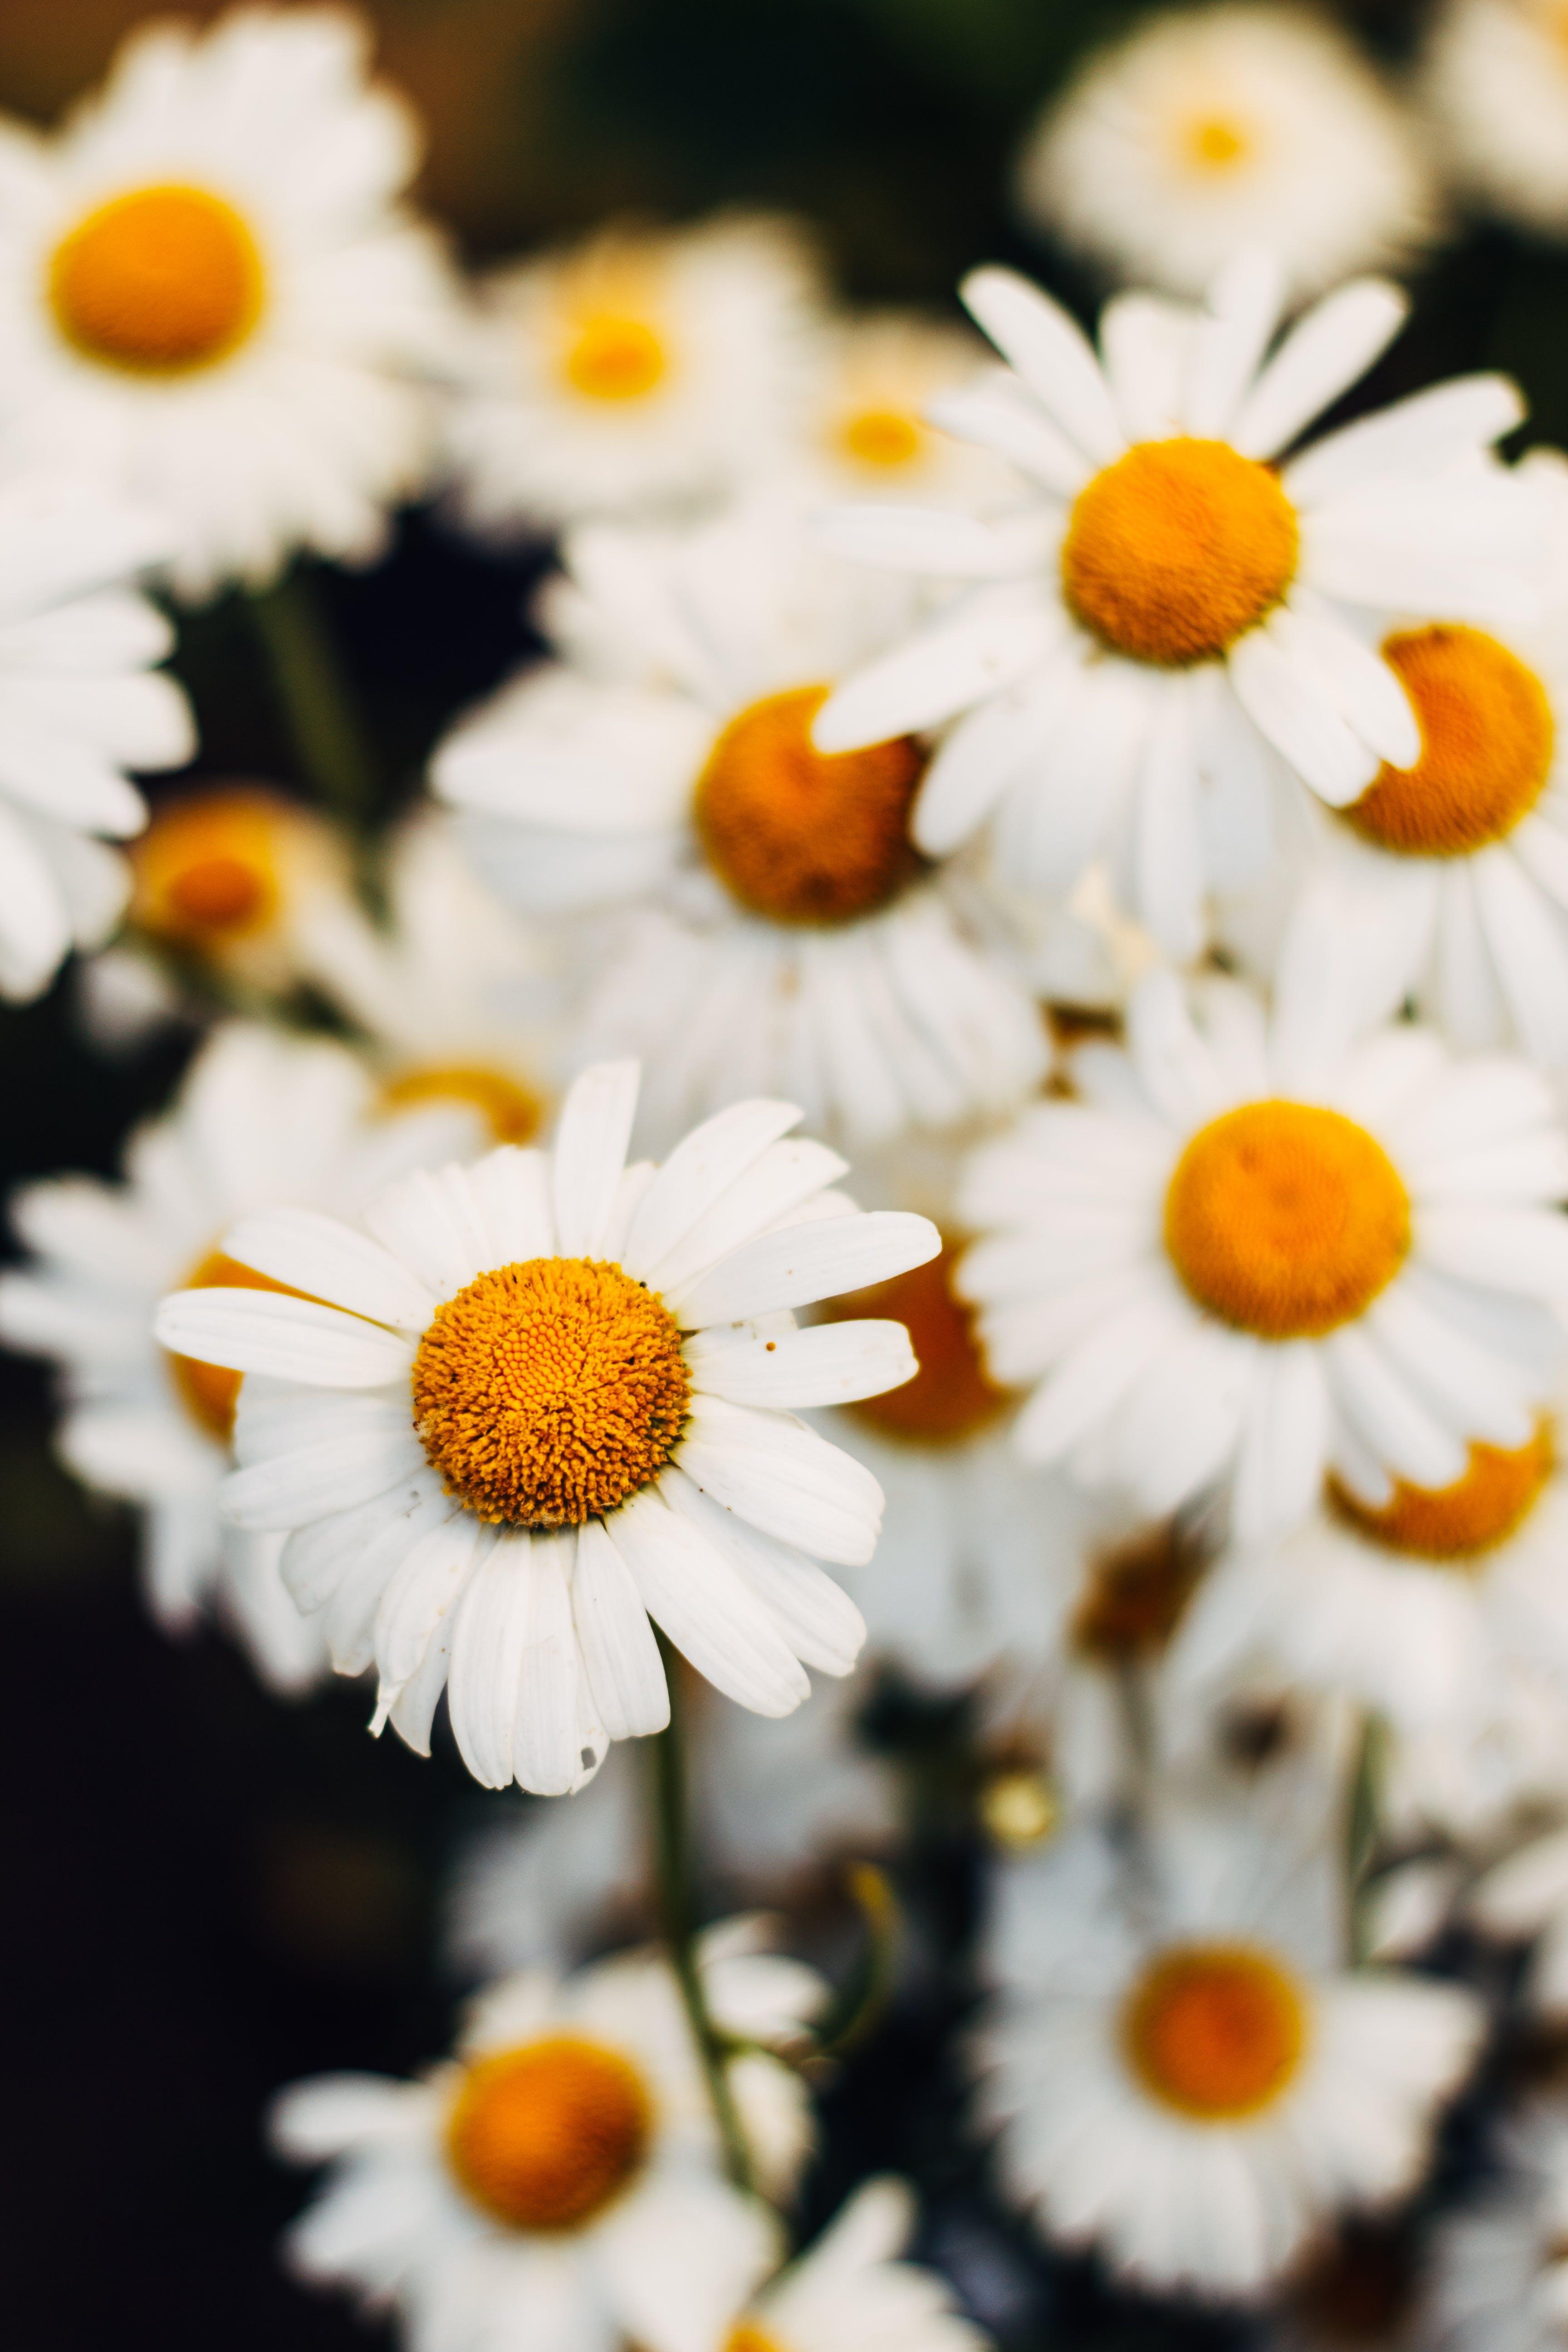 Δωρεάν στοκ φωτογραφιών με ανθισμένος, άνθος, εποχή, καλοκαίρι